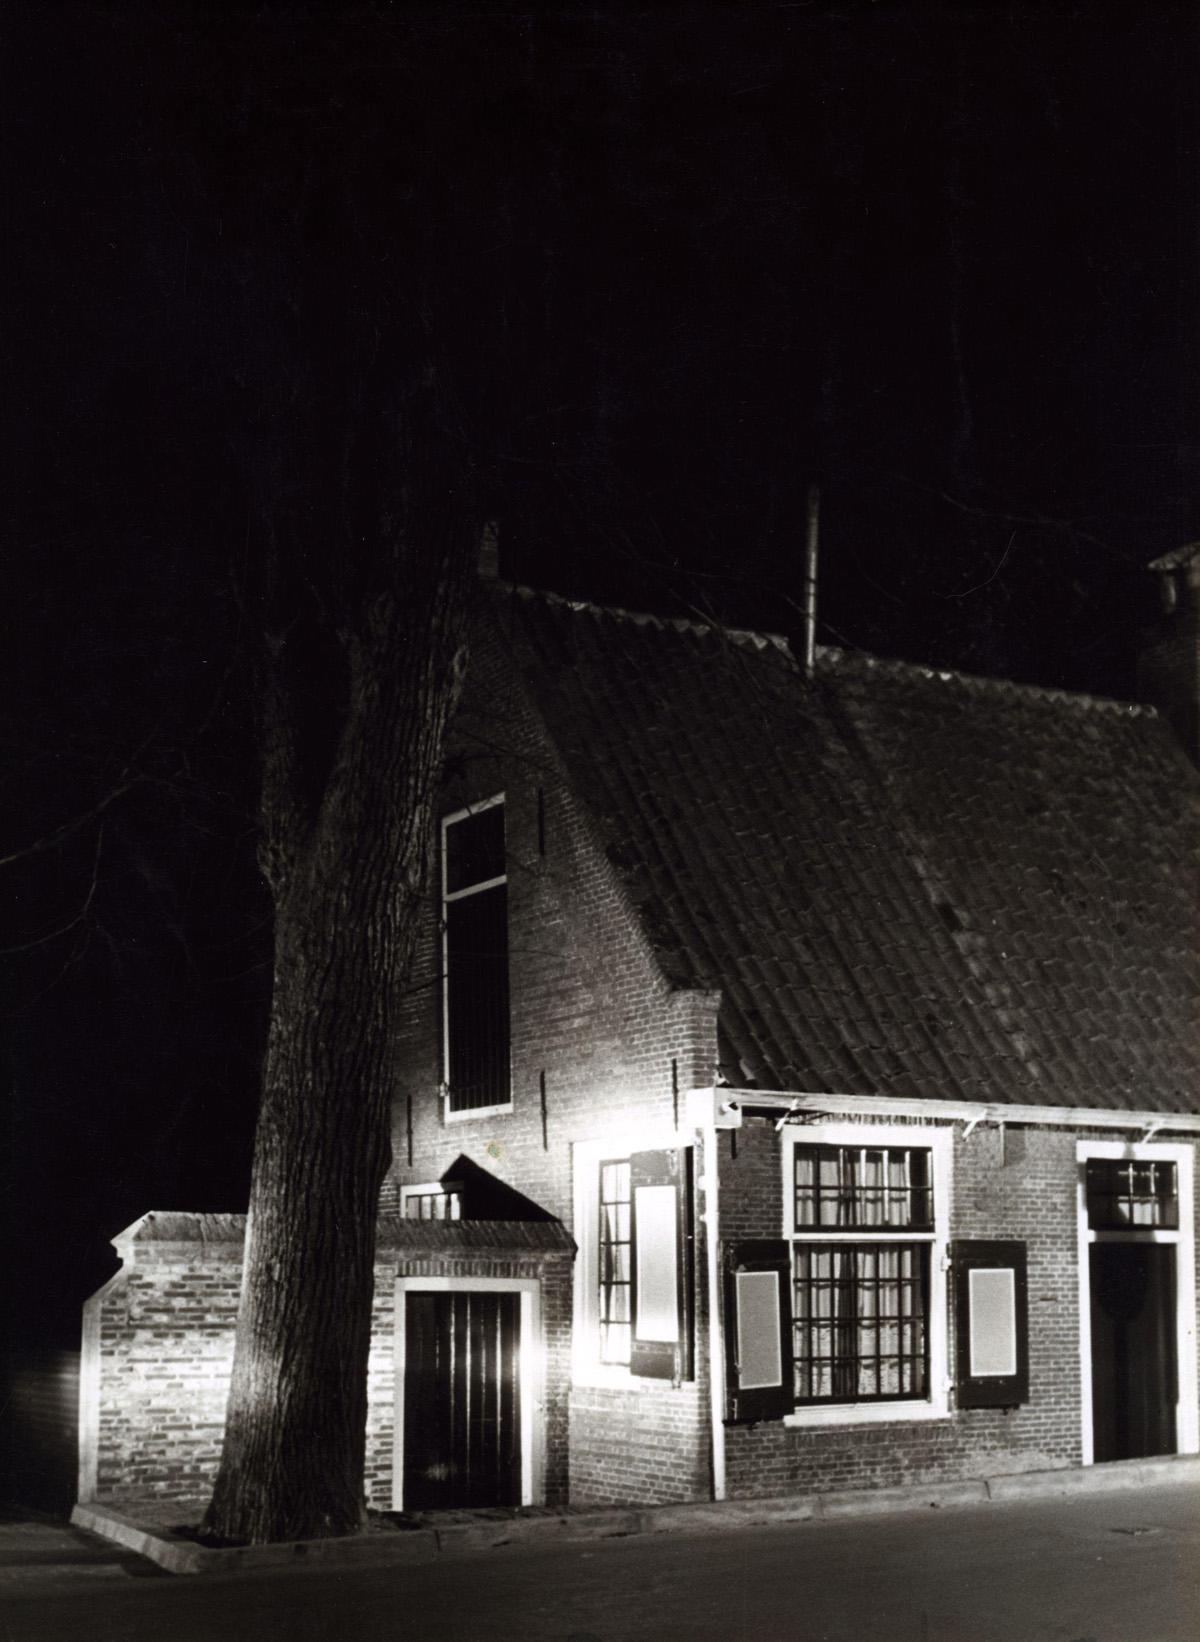 Huis in het duister waarvan de gevel is verlicht het geheugen van nederland online - Provencaalse huis gevel ...